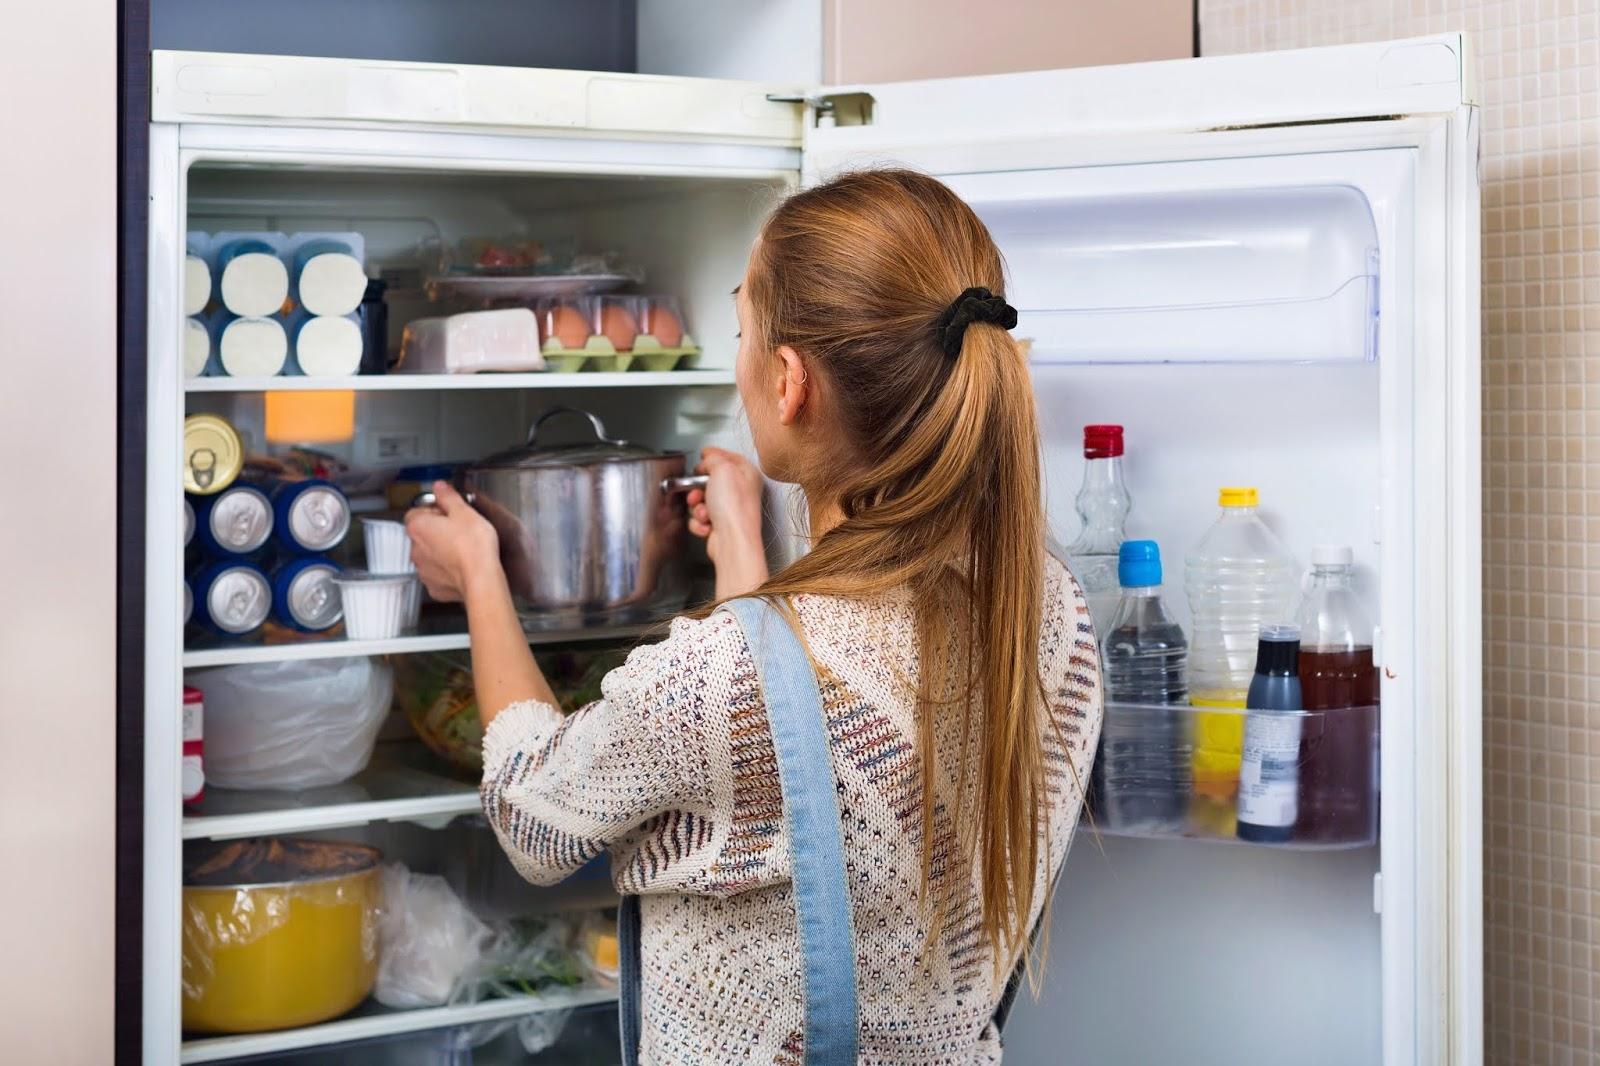 кладет первое блюдо в холодильник